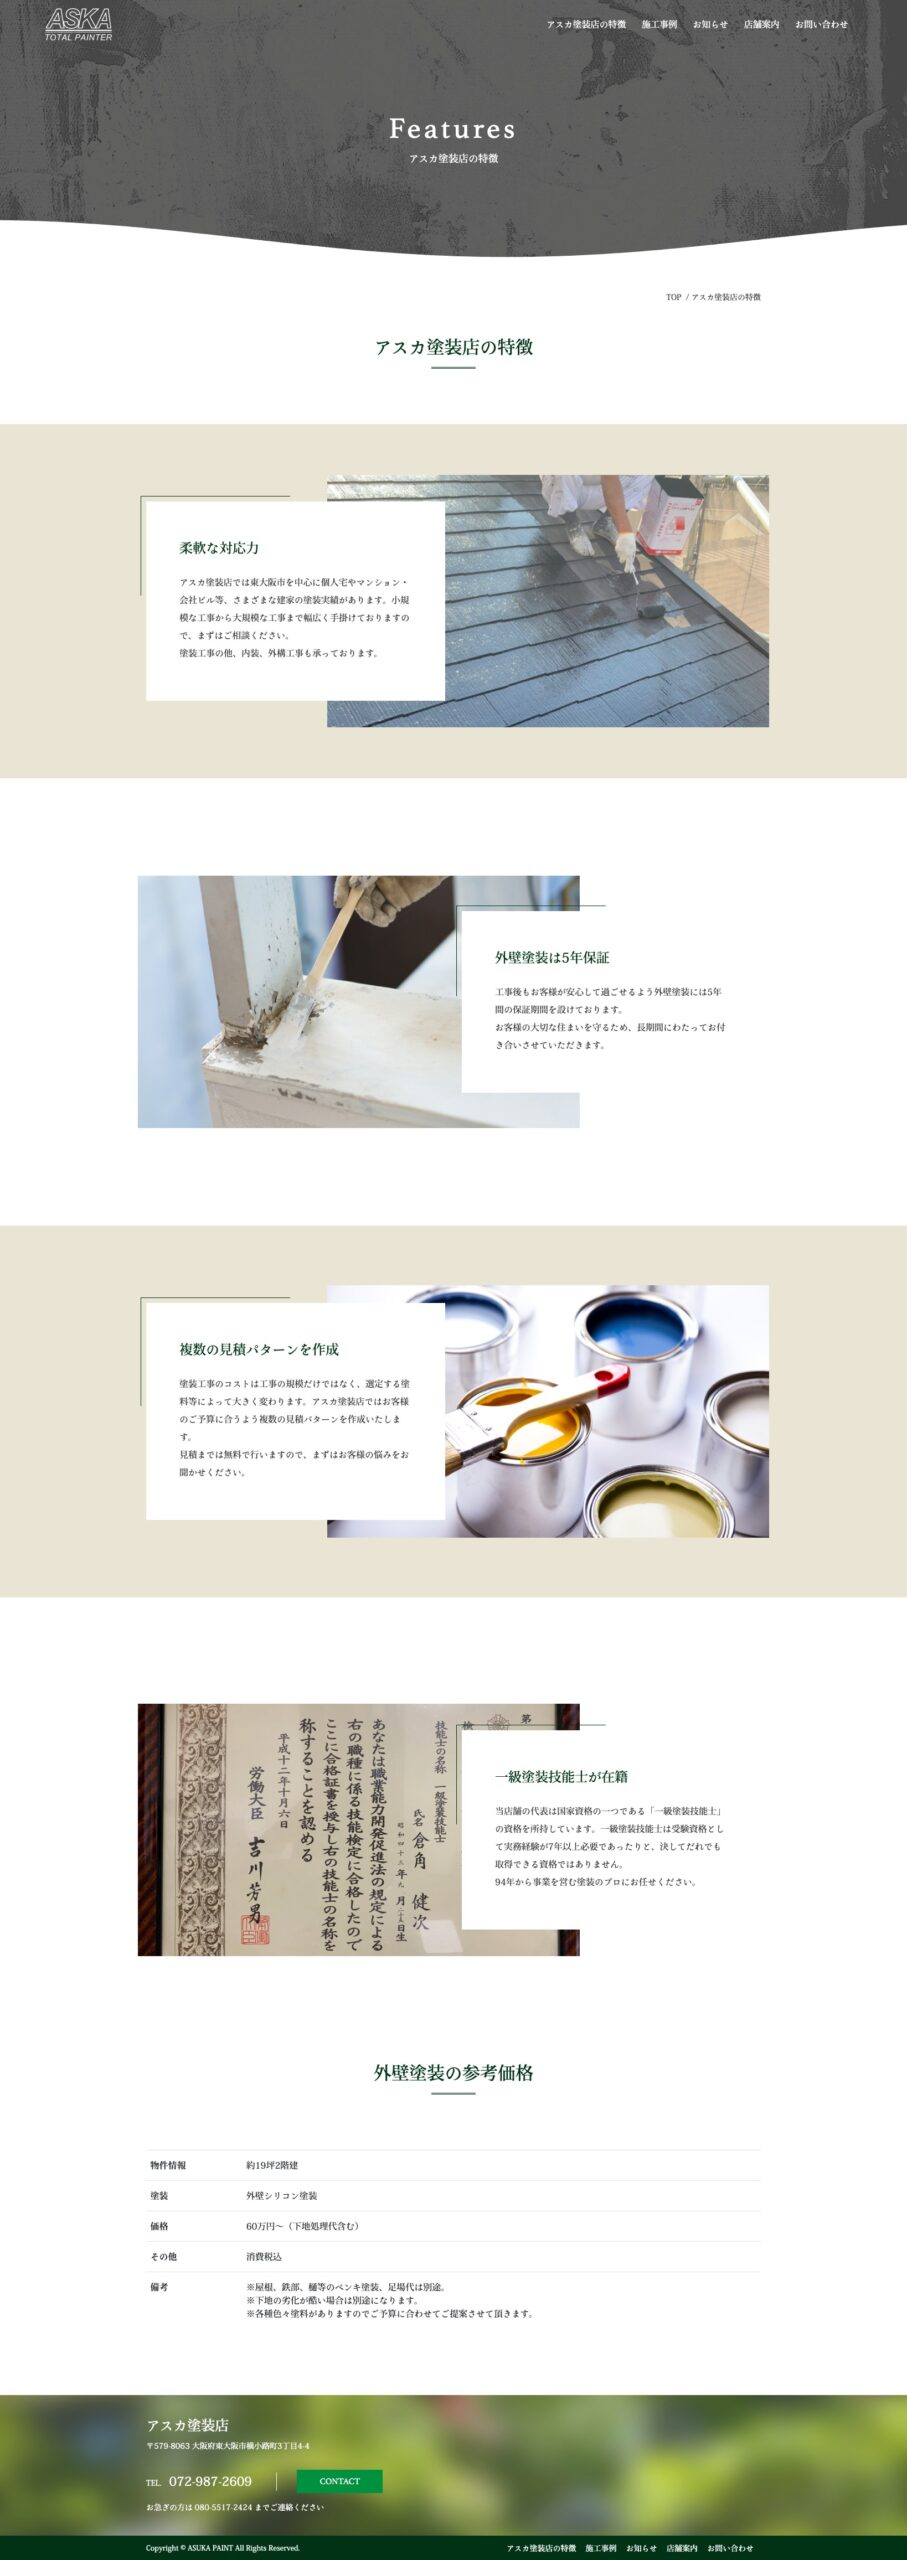 アスカ塗装店 ホームページ アスカ塗装店の特徴ページ